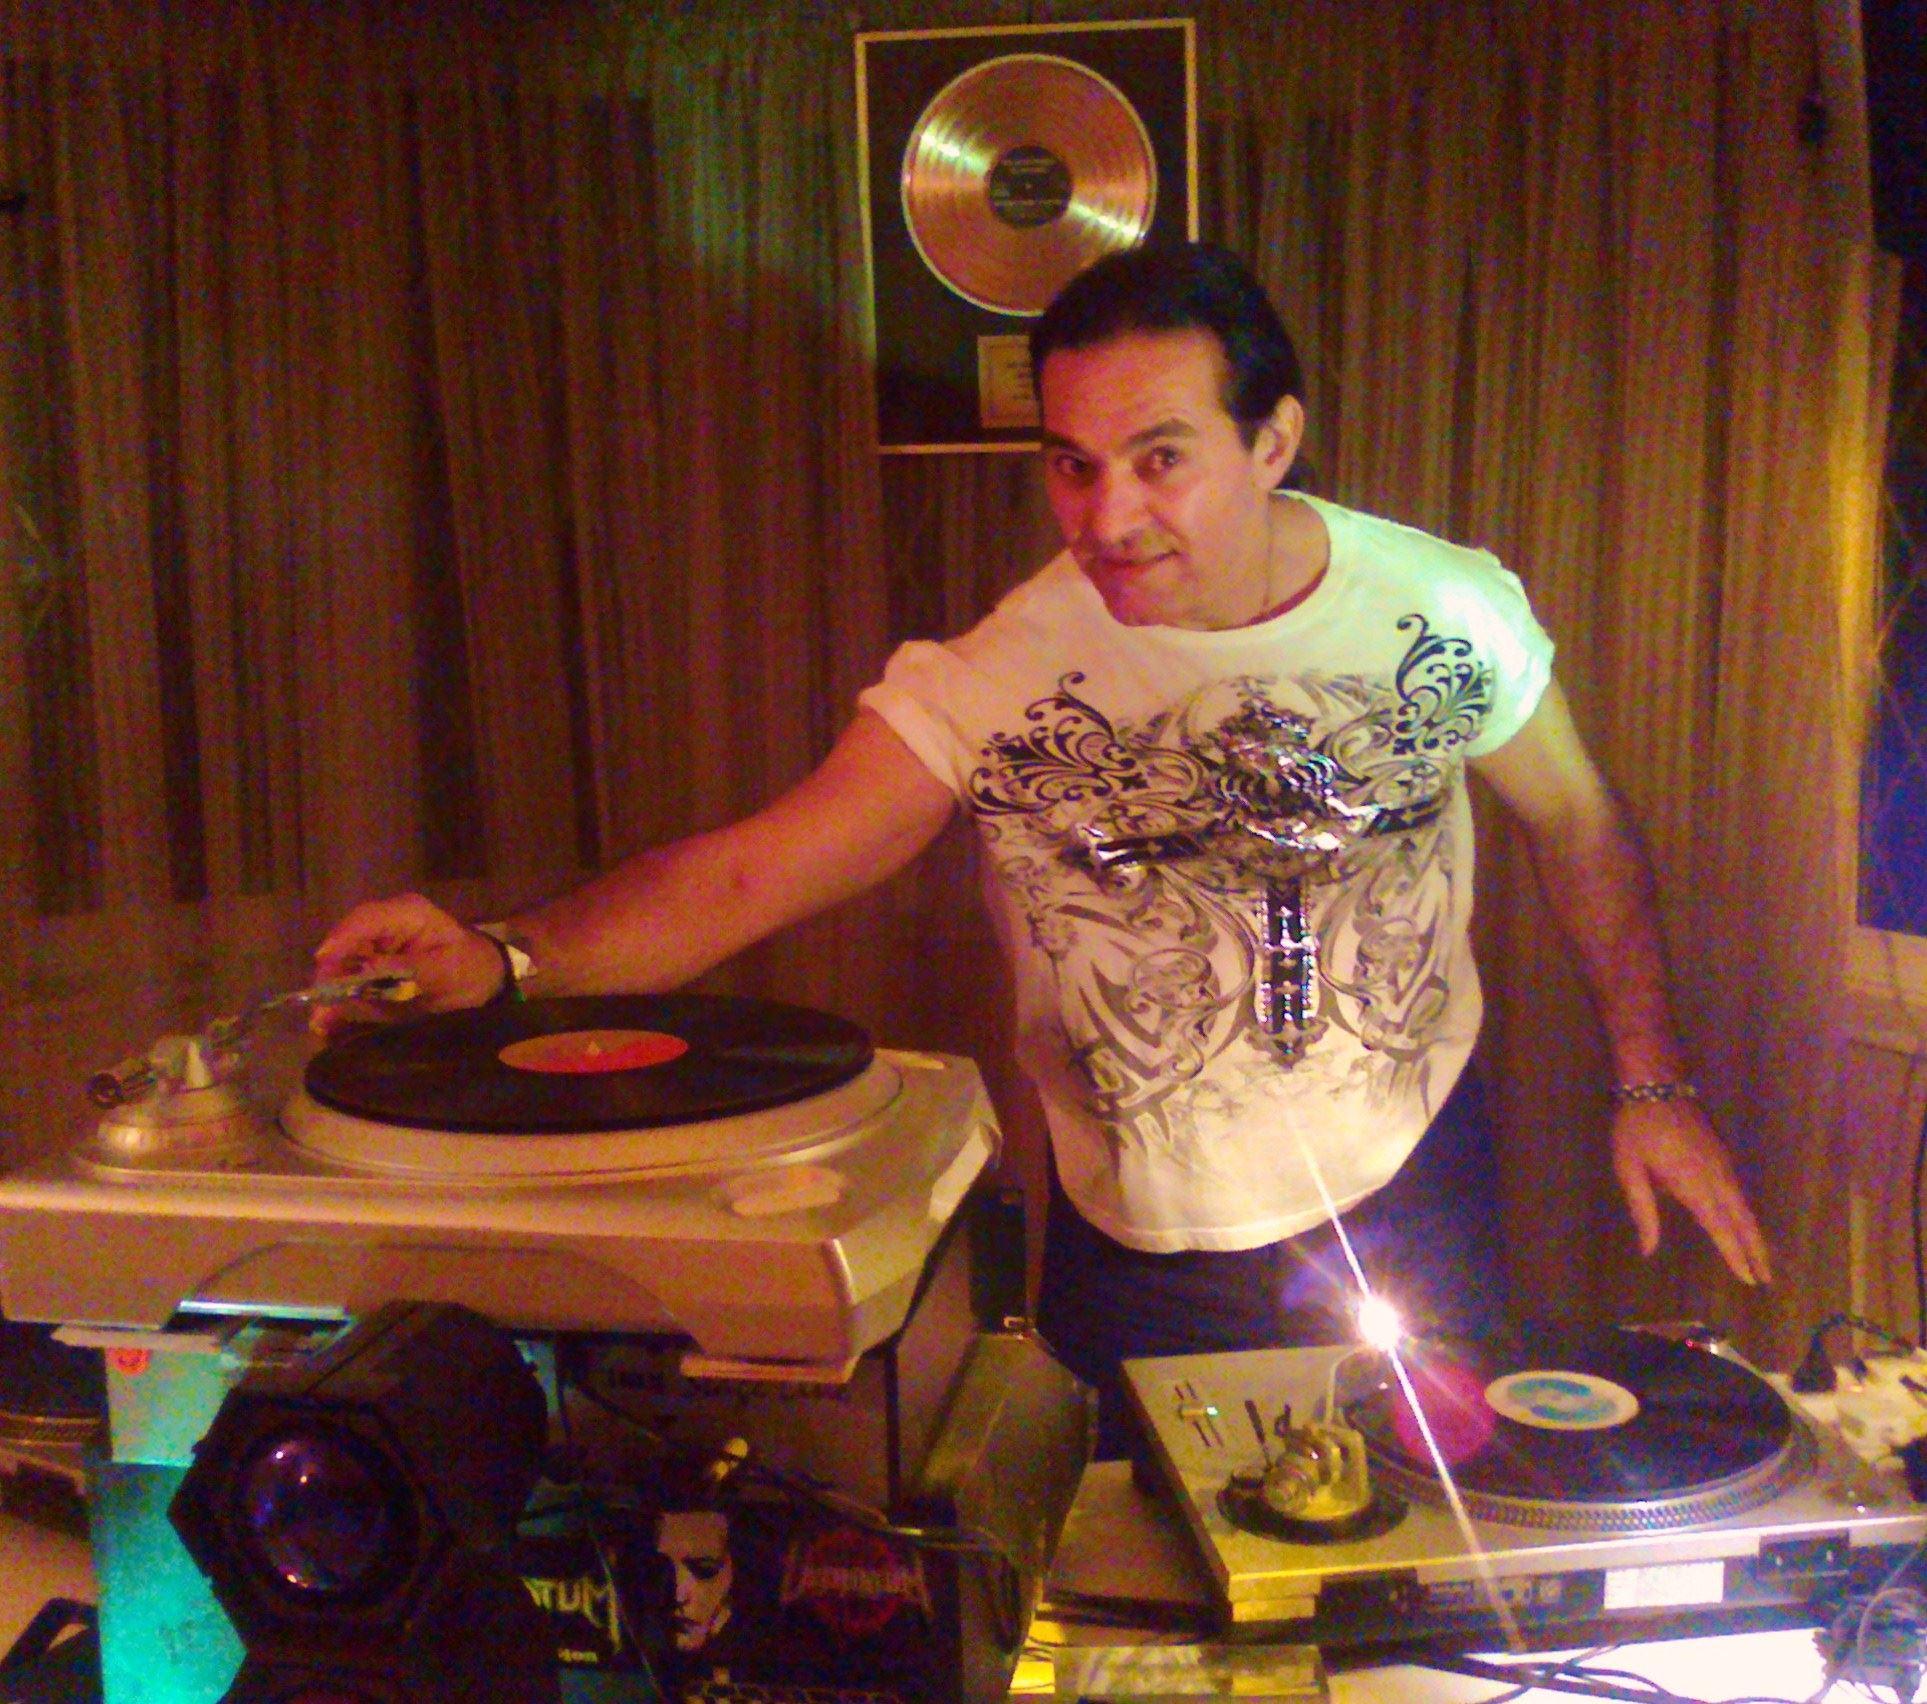 DJ Kikko in action